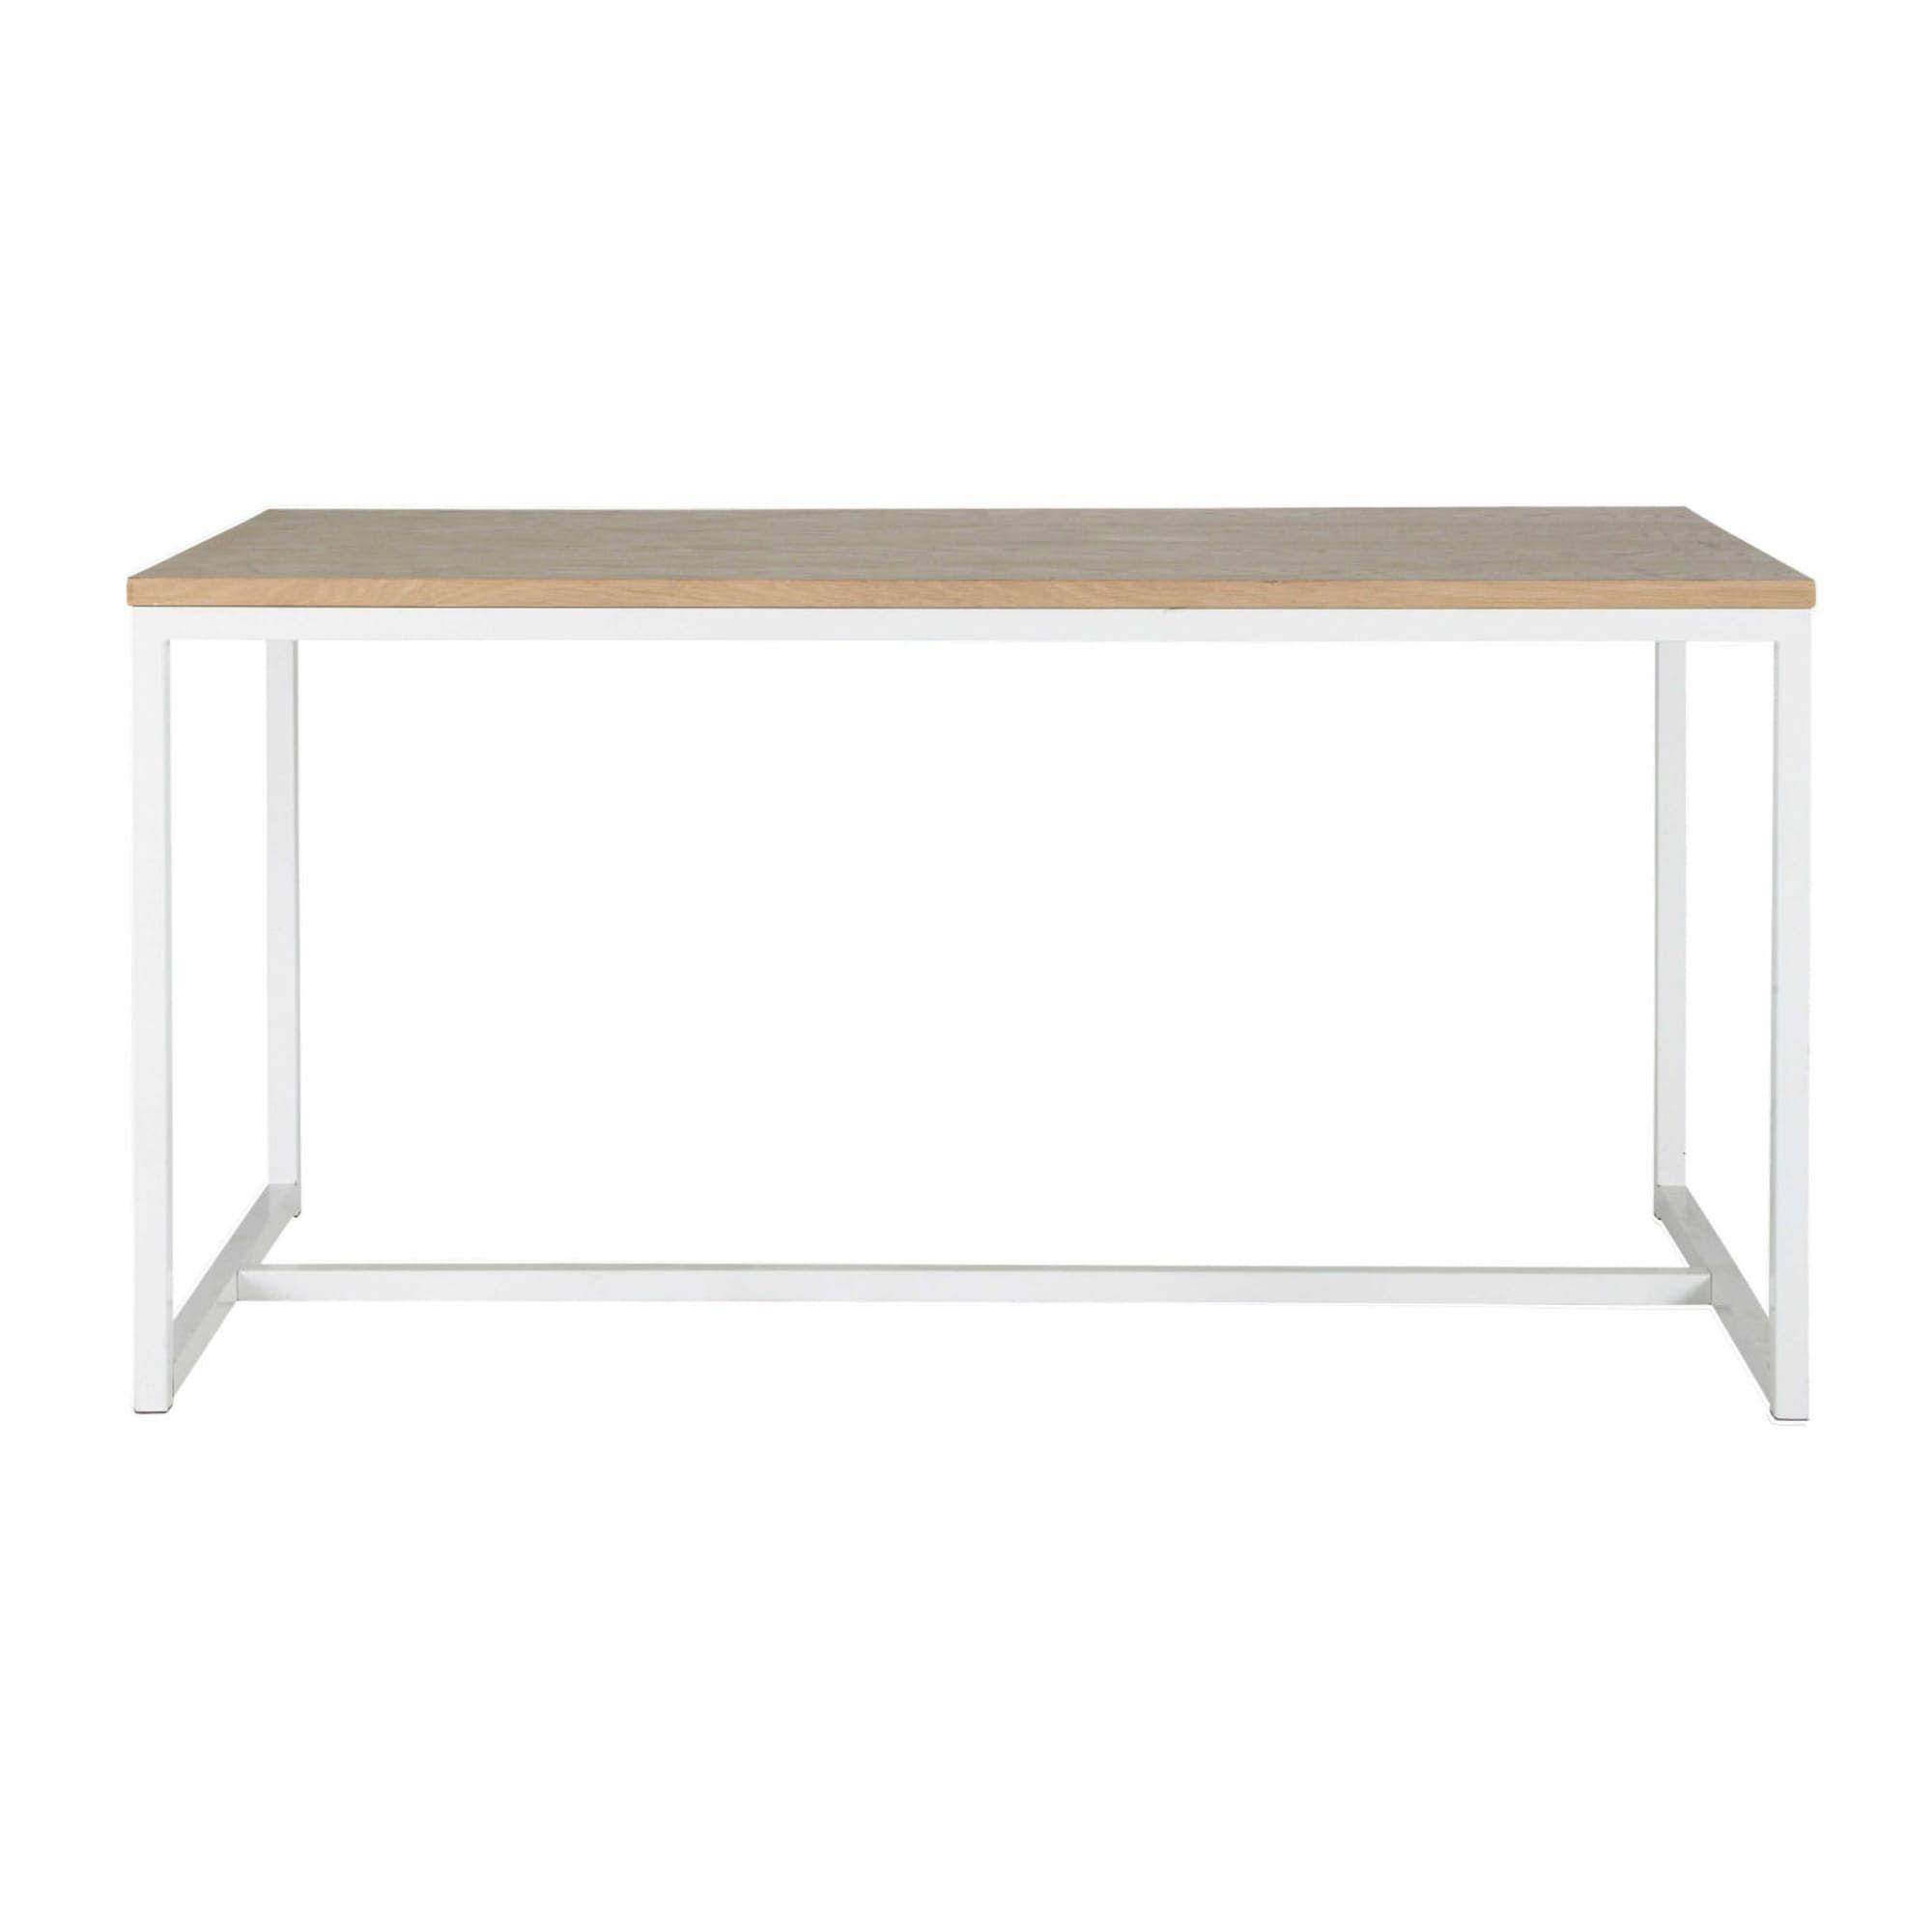 Esstisch aus Holz und Metall, B 150 cm, weiß Esstisch